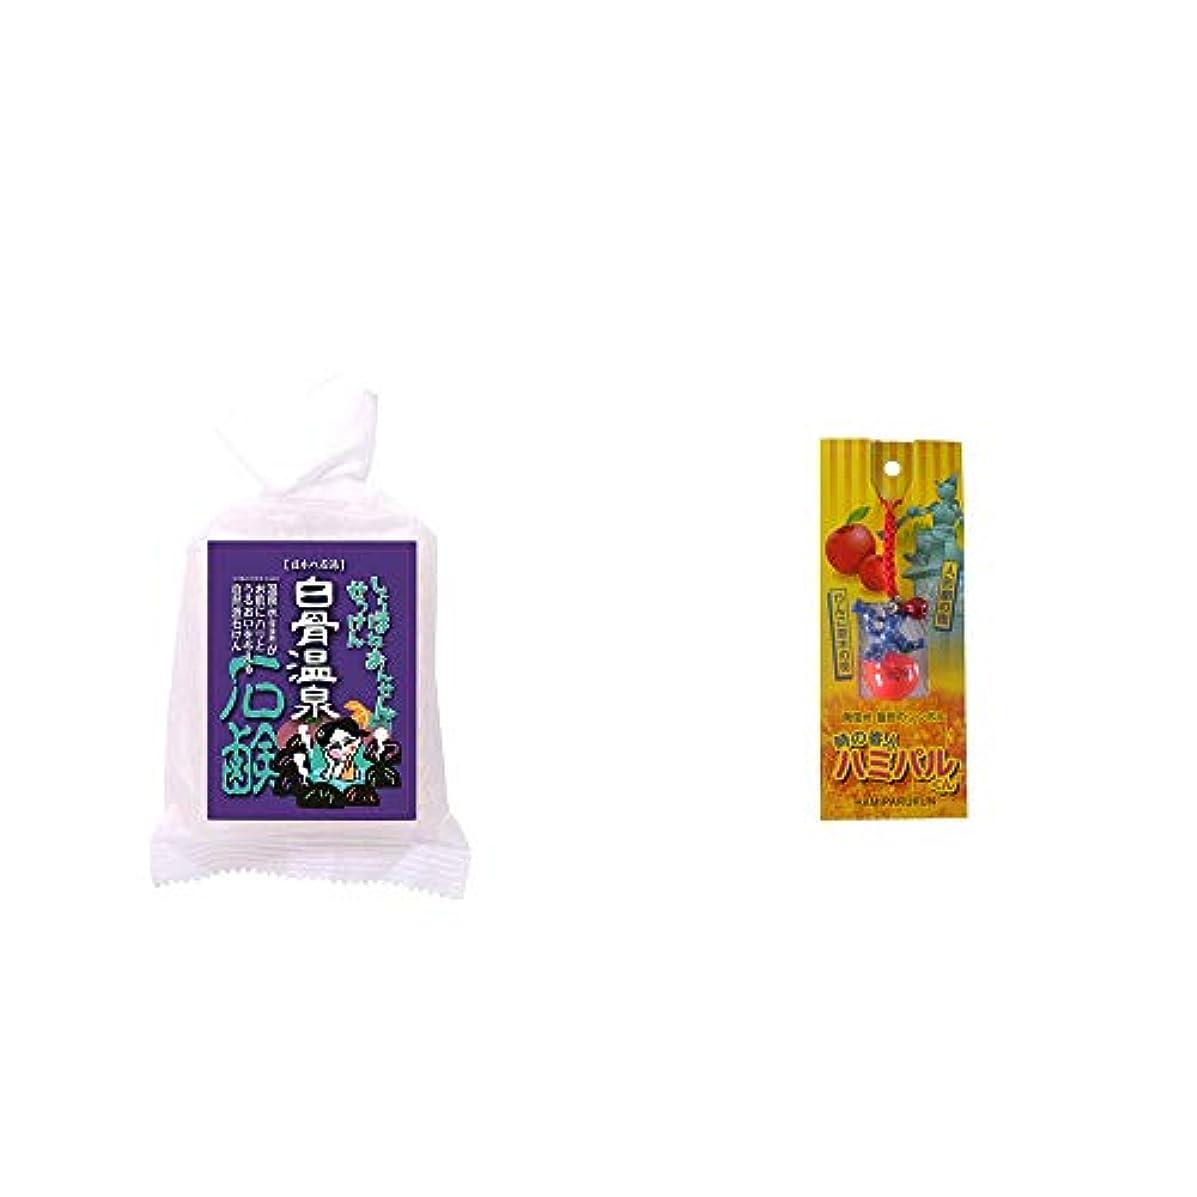 勇者控えめな厚い[2点セット] 信州 白骨温泉石鹸(80g)?信州?飯田のシンボル 時の番人ハミパルくんストラップ